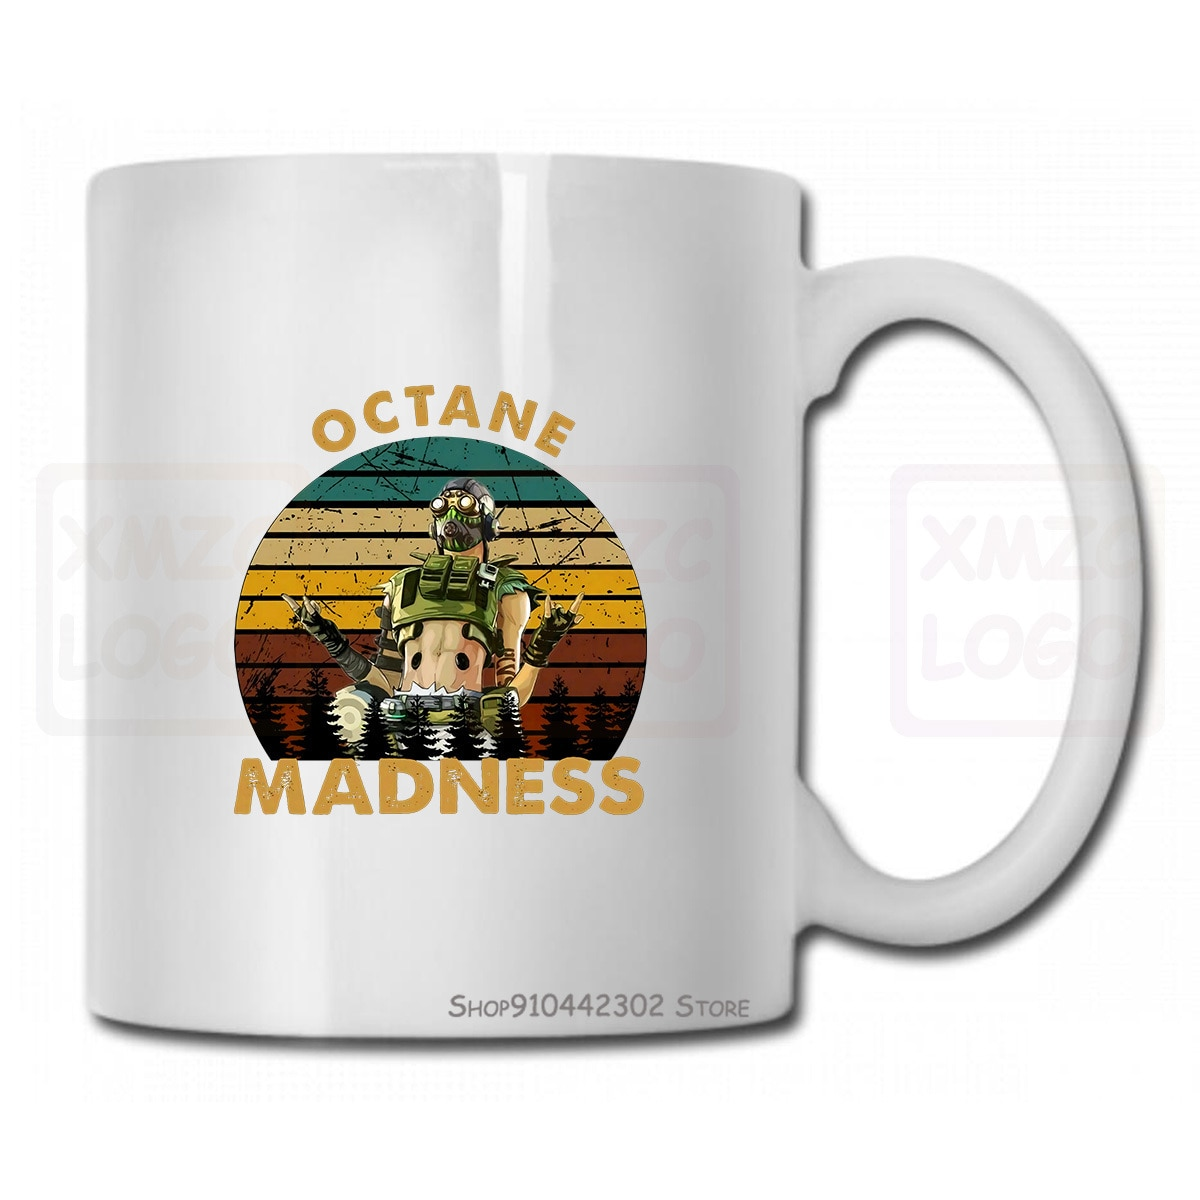 Octane Madness, винтажные, Apex Legends, Zipline Time, игра, подарок для геймеров, кружка для женщин и мужчин